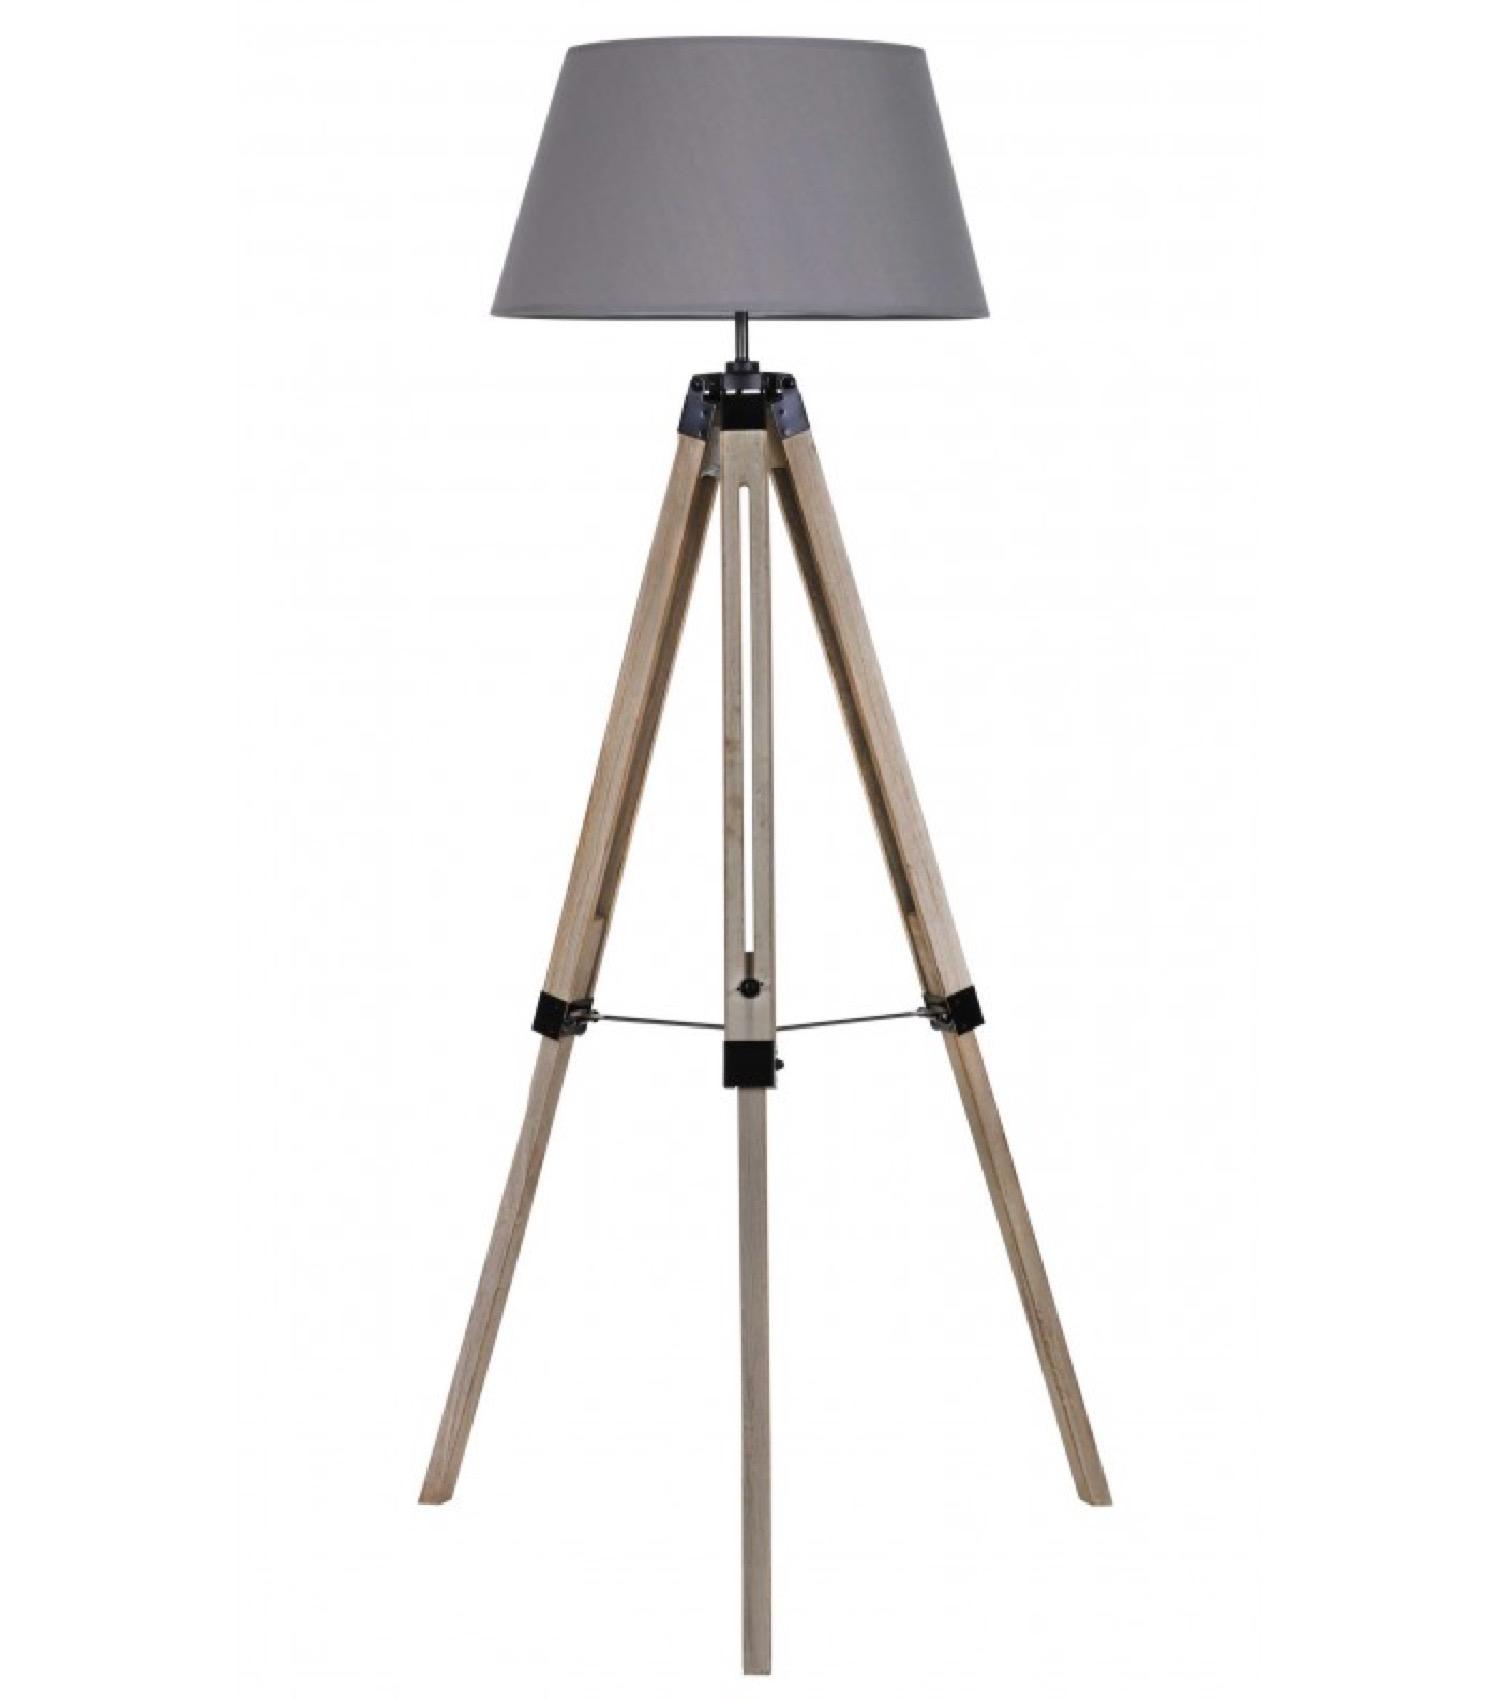 Lampadaire trépied bois abat-jour gris foncé H144cm